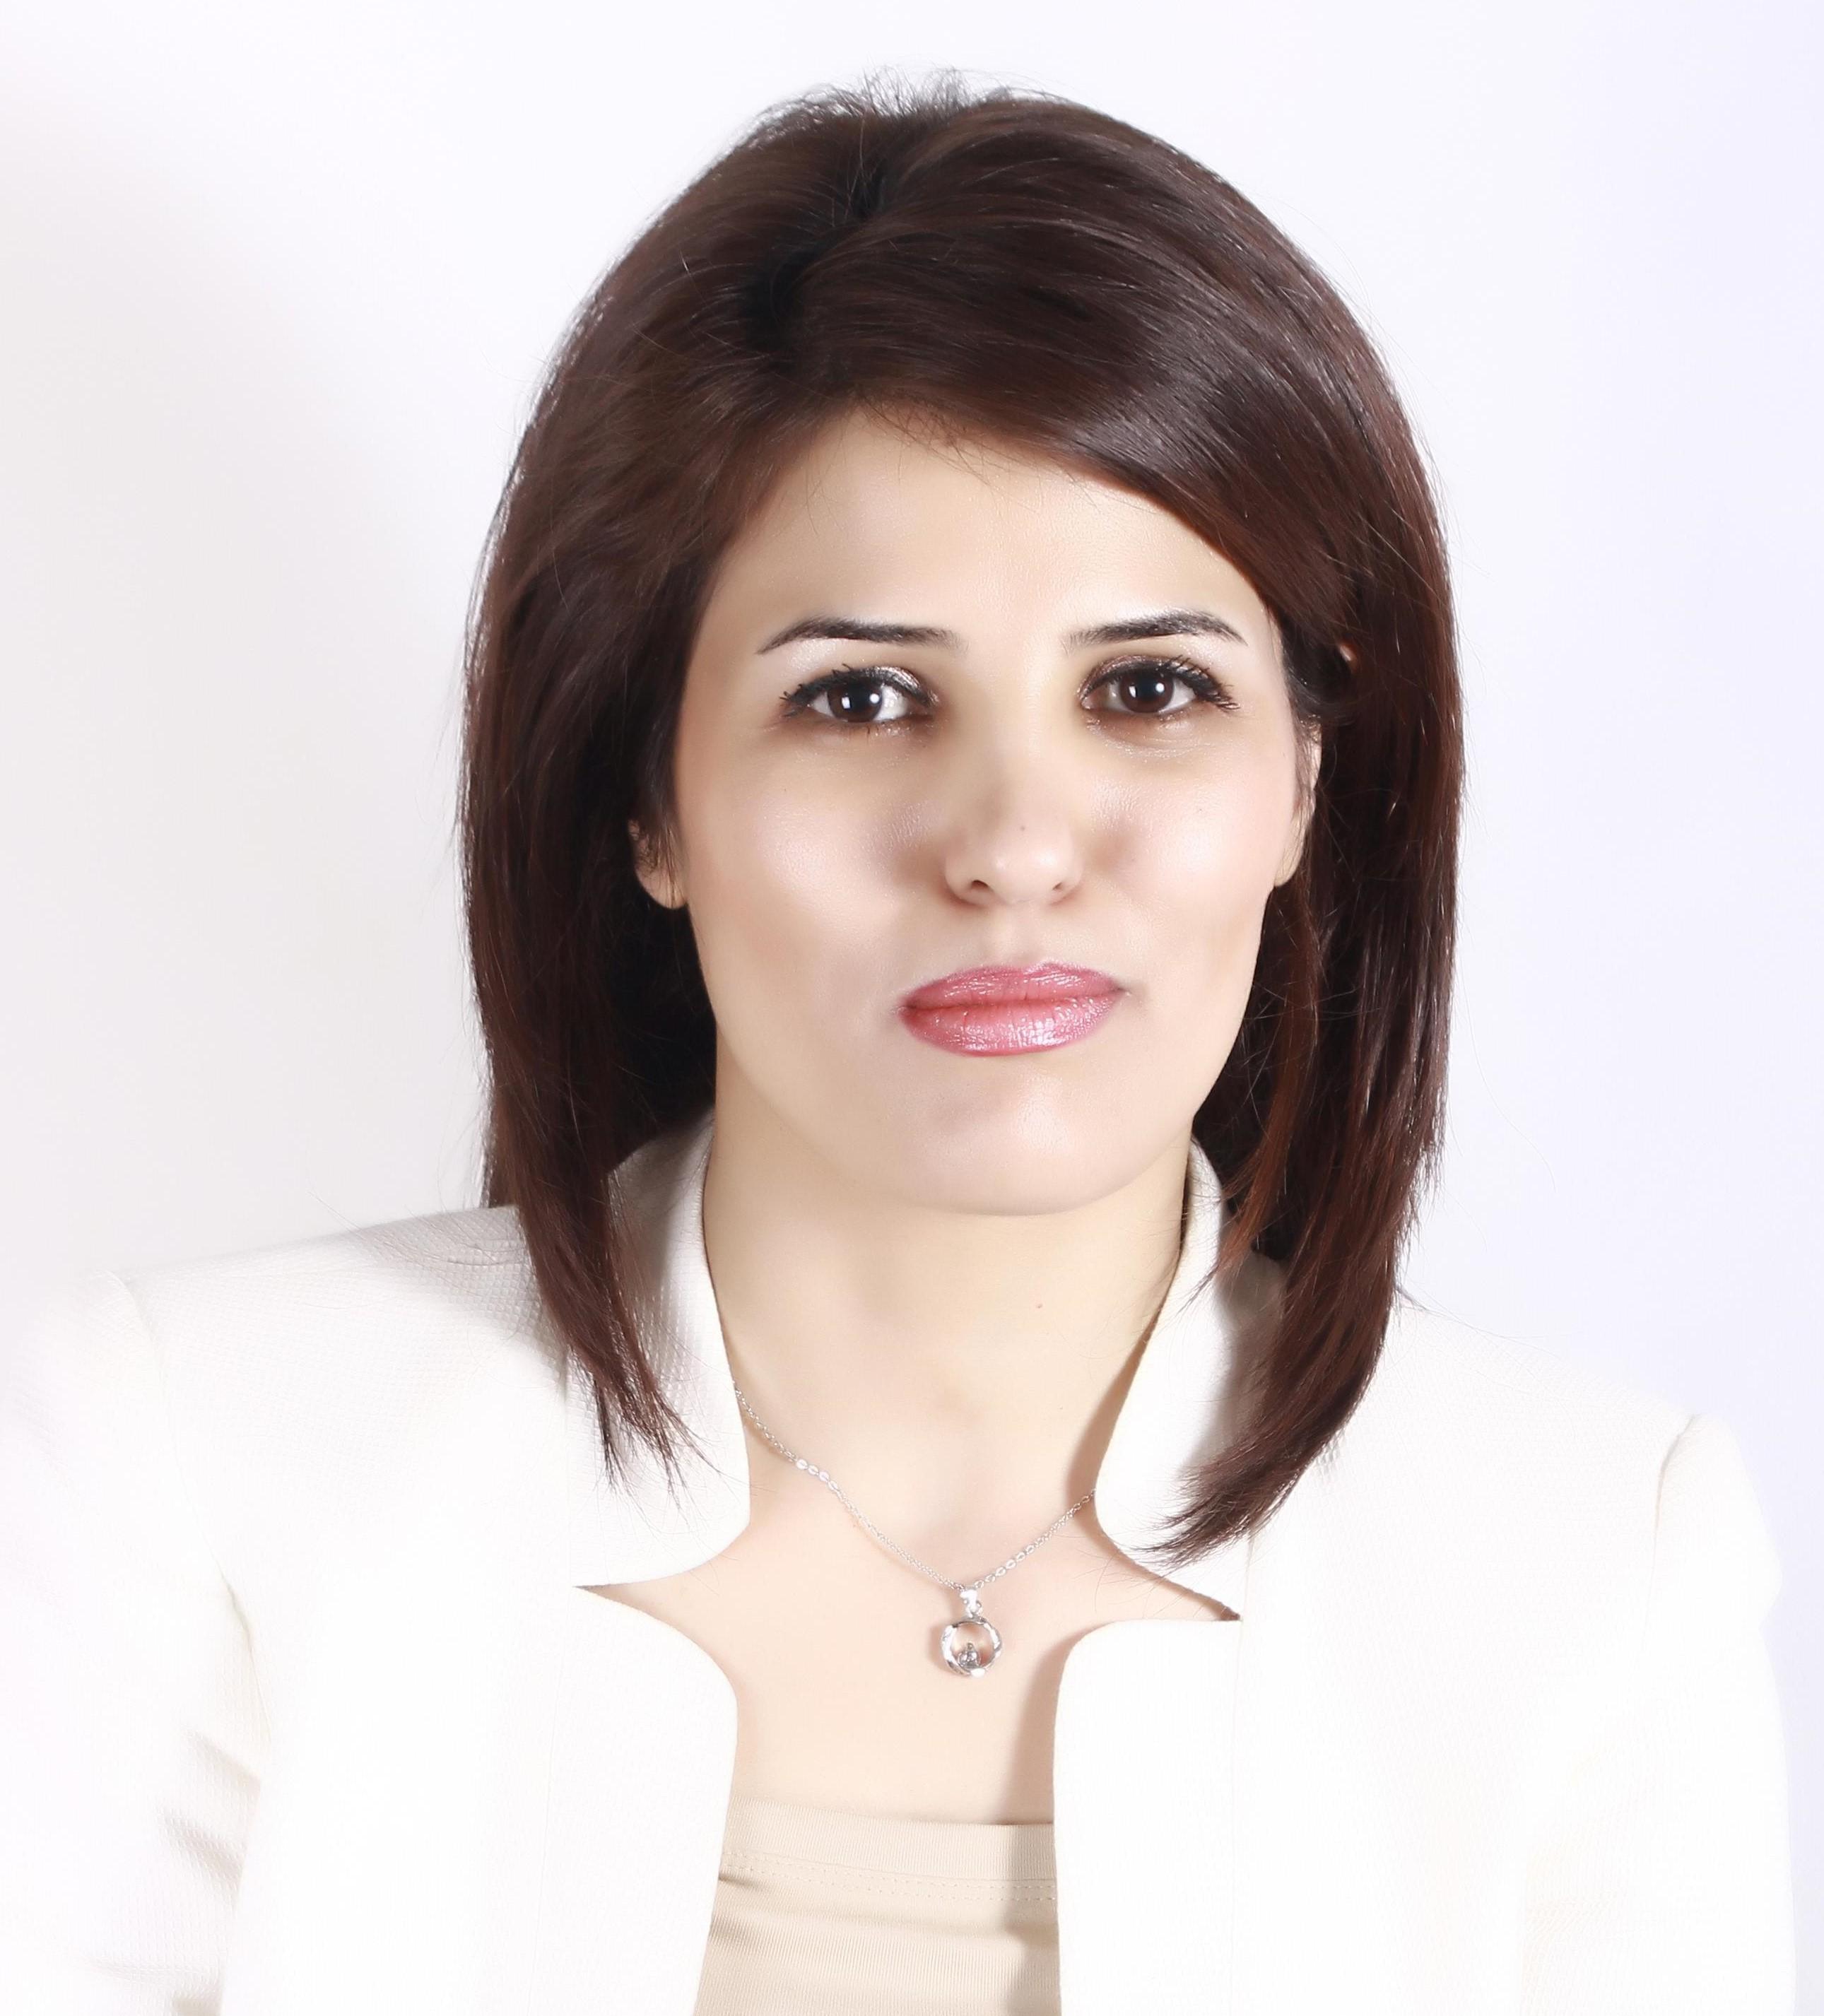 Nazkhanom Rezaei